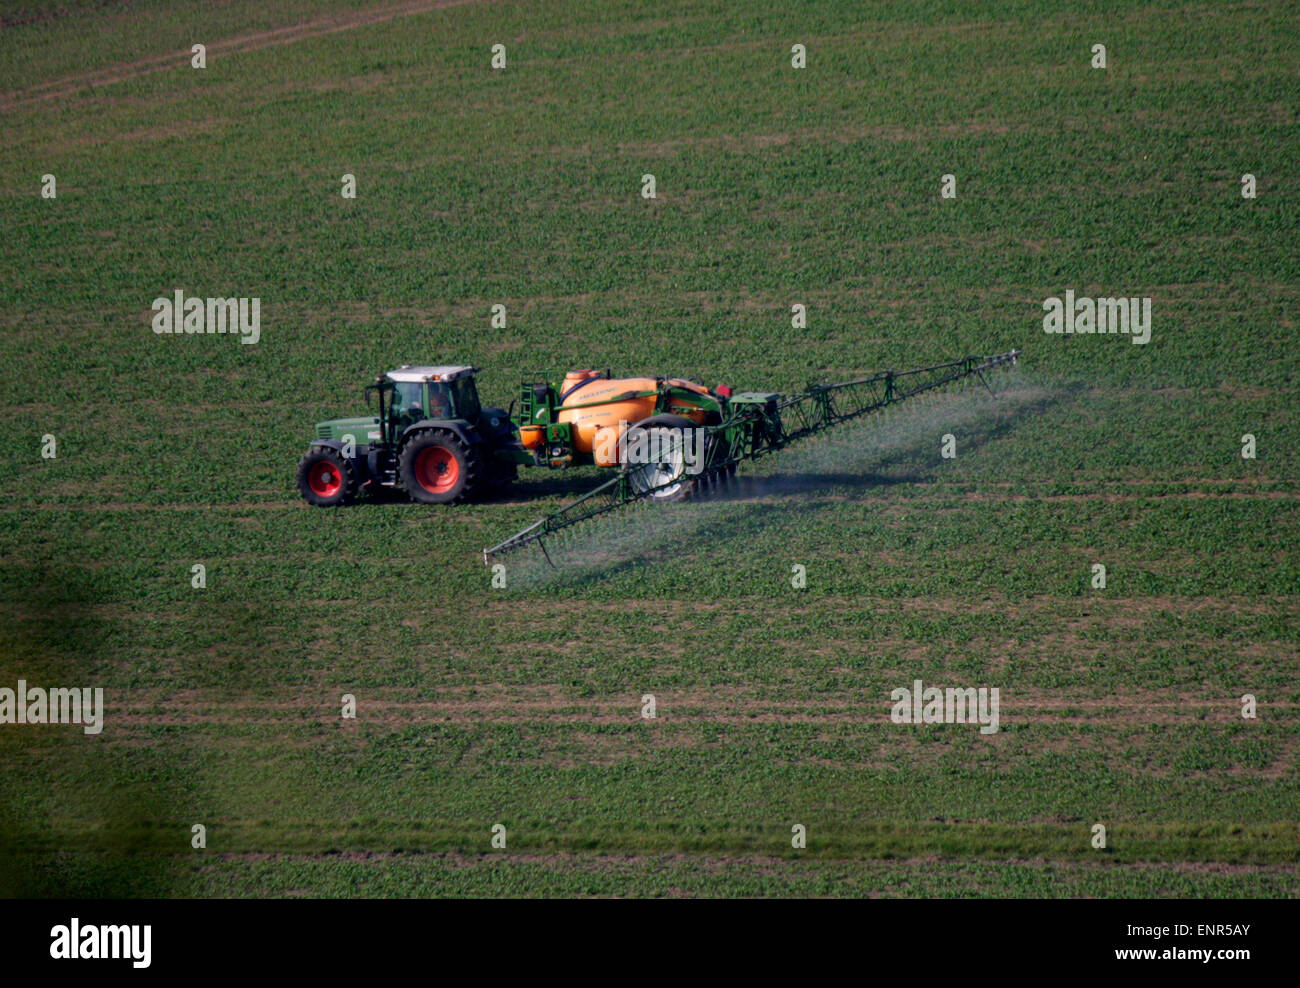 Trekker, der Pflanzenschutzmittel versprueht, konventionelle Landwirtschaft - Saechsische Schweiz. - Stock Image